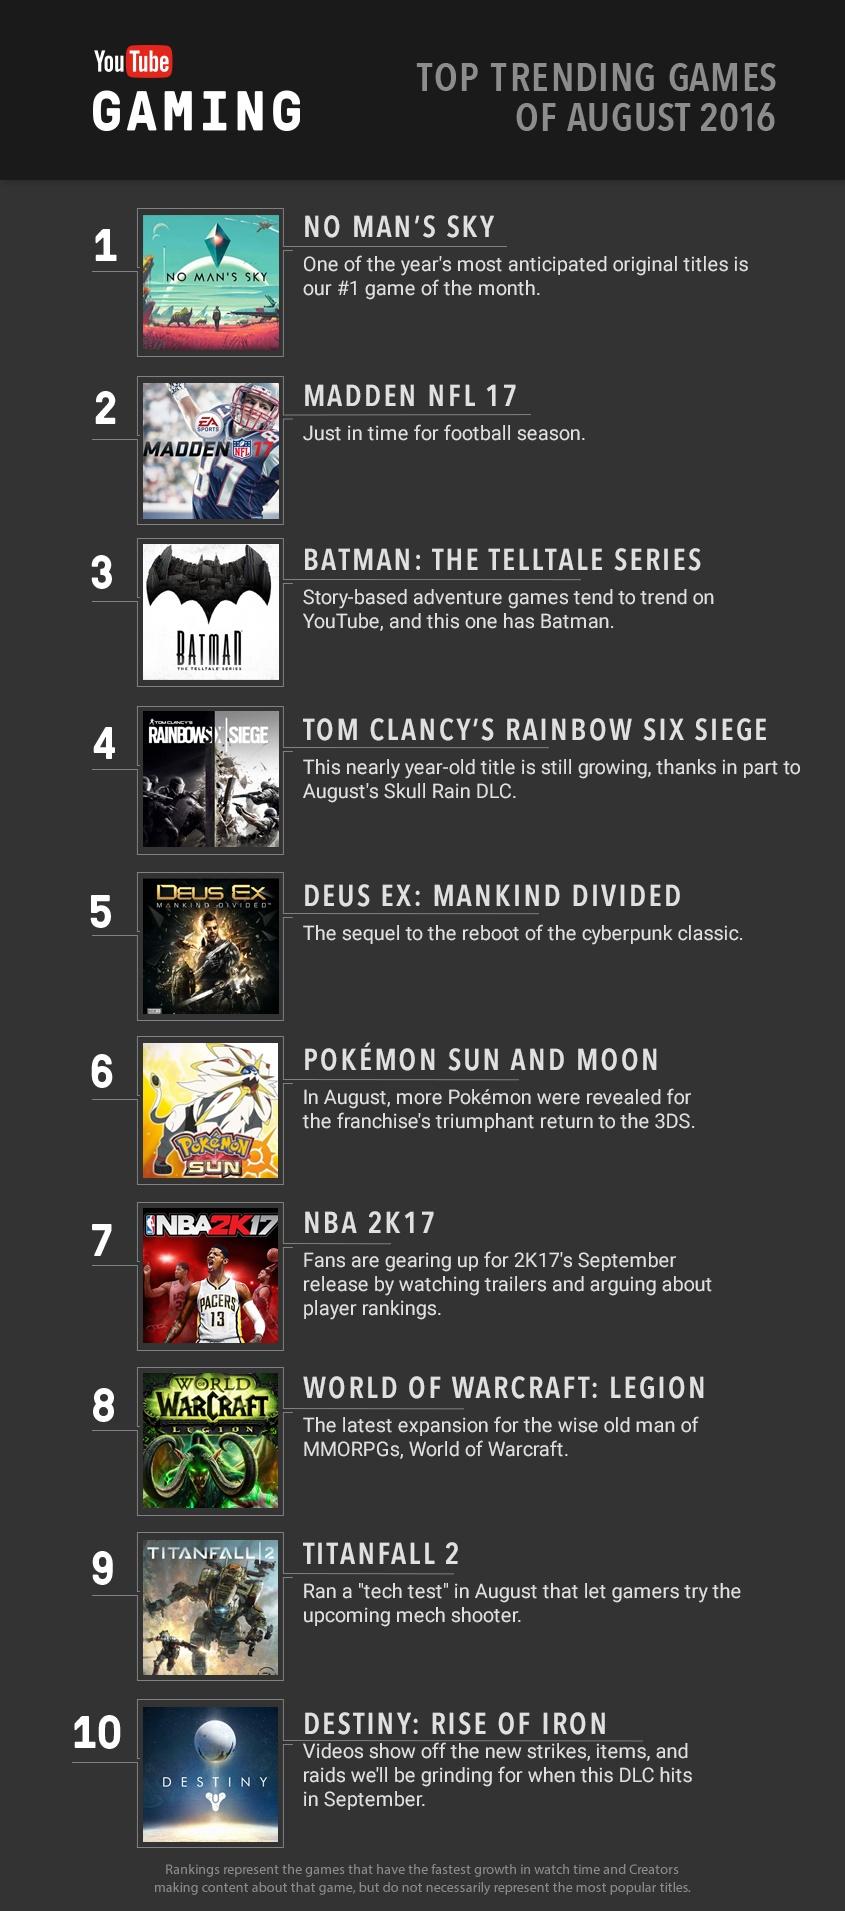 YouTube's top ten games of August 2016.